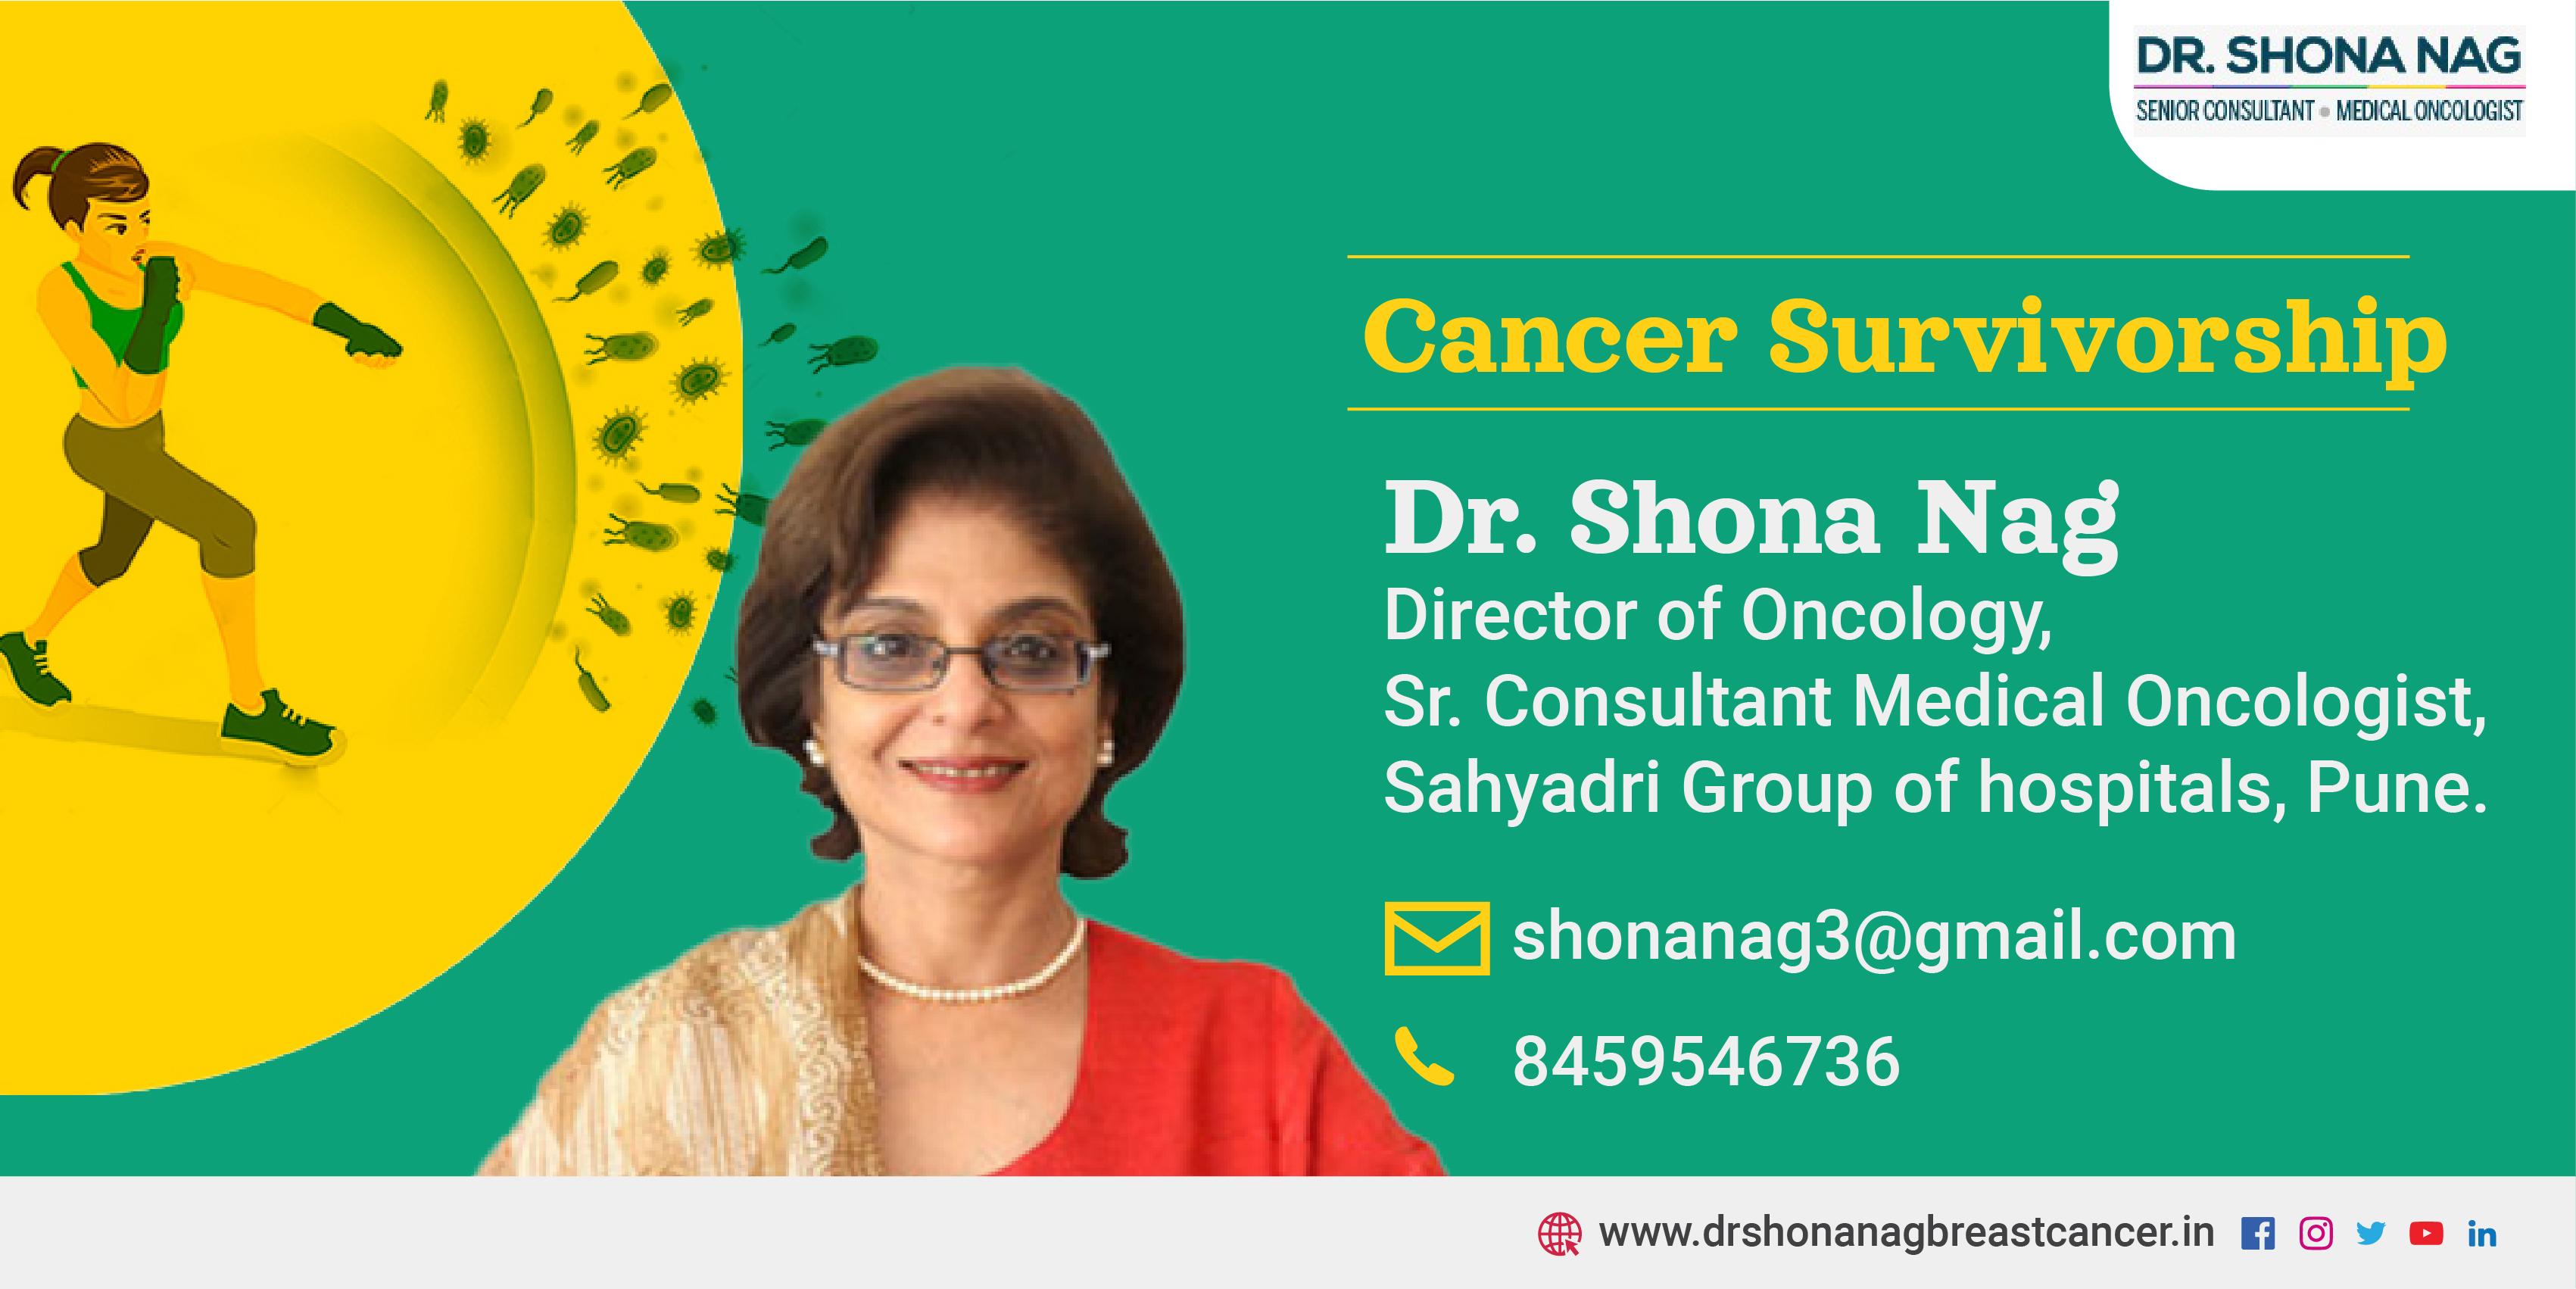 DR. SHONA NAG  SENIOR CONSULTANT « MEDICAL ONCOLOGIST                   Cancer Survivorship  Dr. Shona Nag  | Director of Oncology,  a Sr. Consultant Medical Oncologist, > ¥ Sahyadri Group of hospitals, Pune.  NA shonanag3@gmail.com  '. 8459546736  @ www.drshonanagbreastcancer.in fl © ¥ @ in